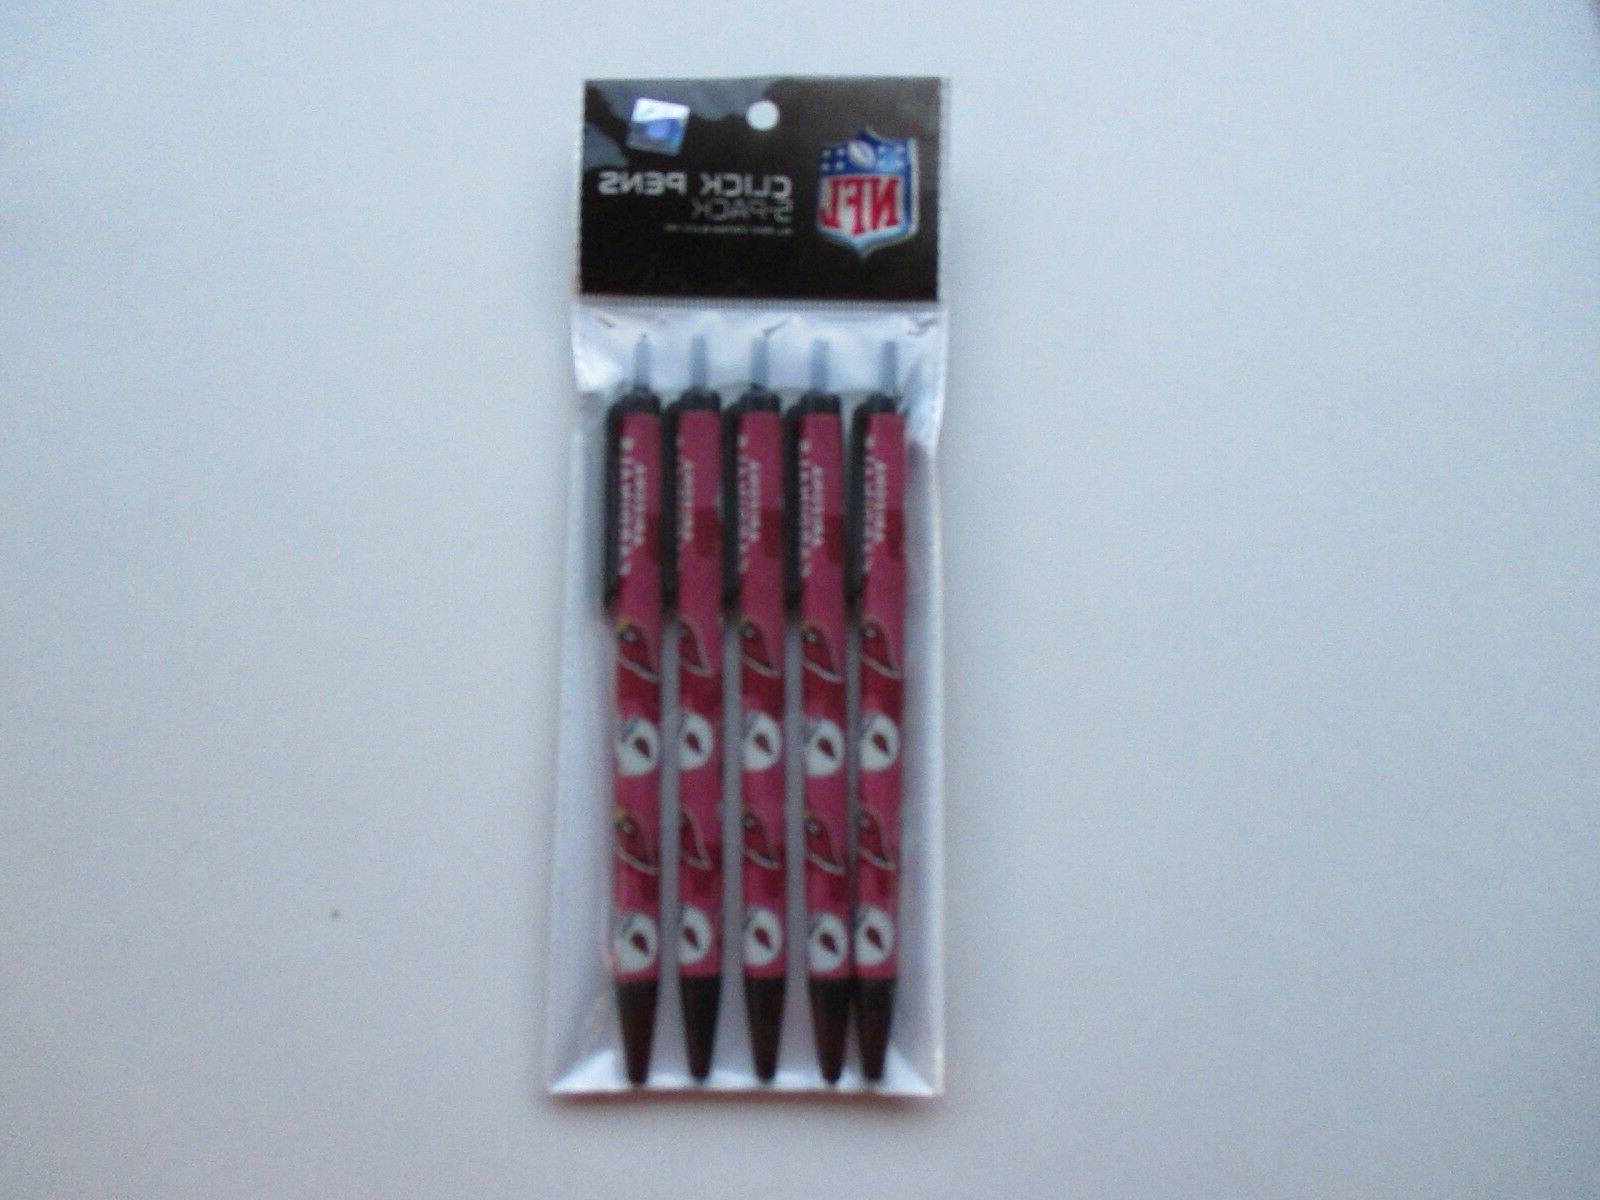 arizona cardinals 5 pack pens